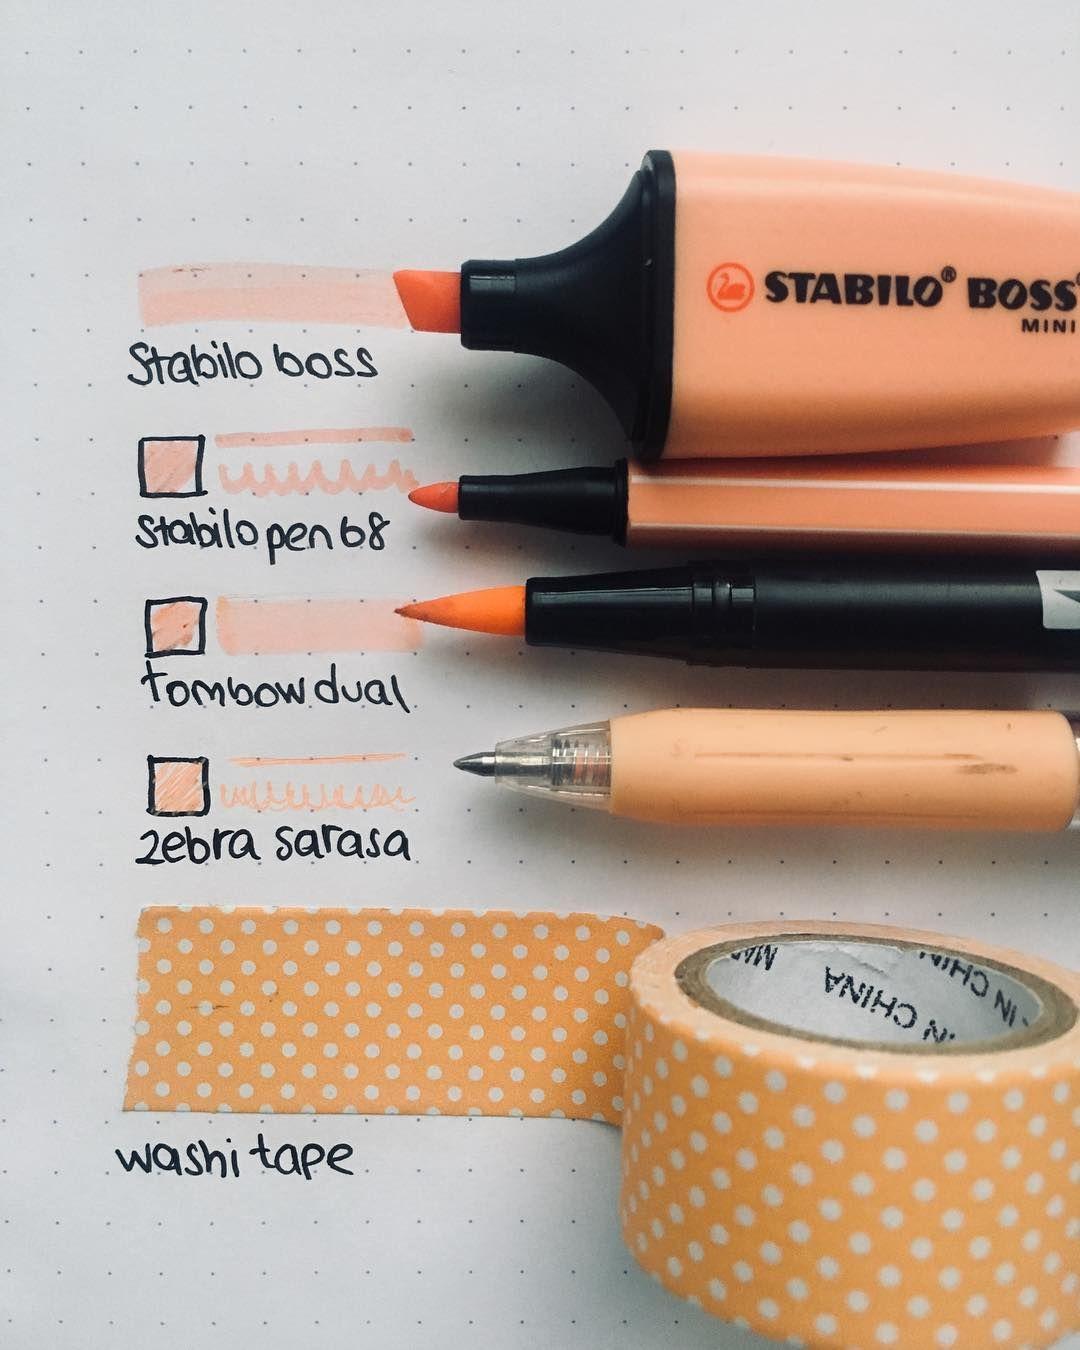 Apricot Pen Paper Stationery Stabilo Washi Tape Washitape